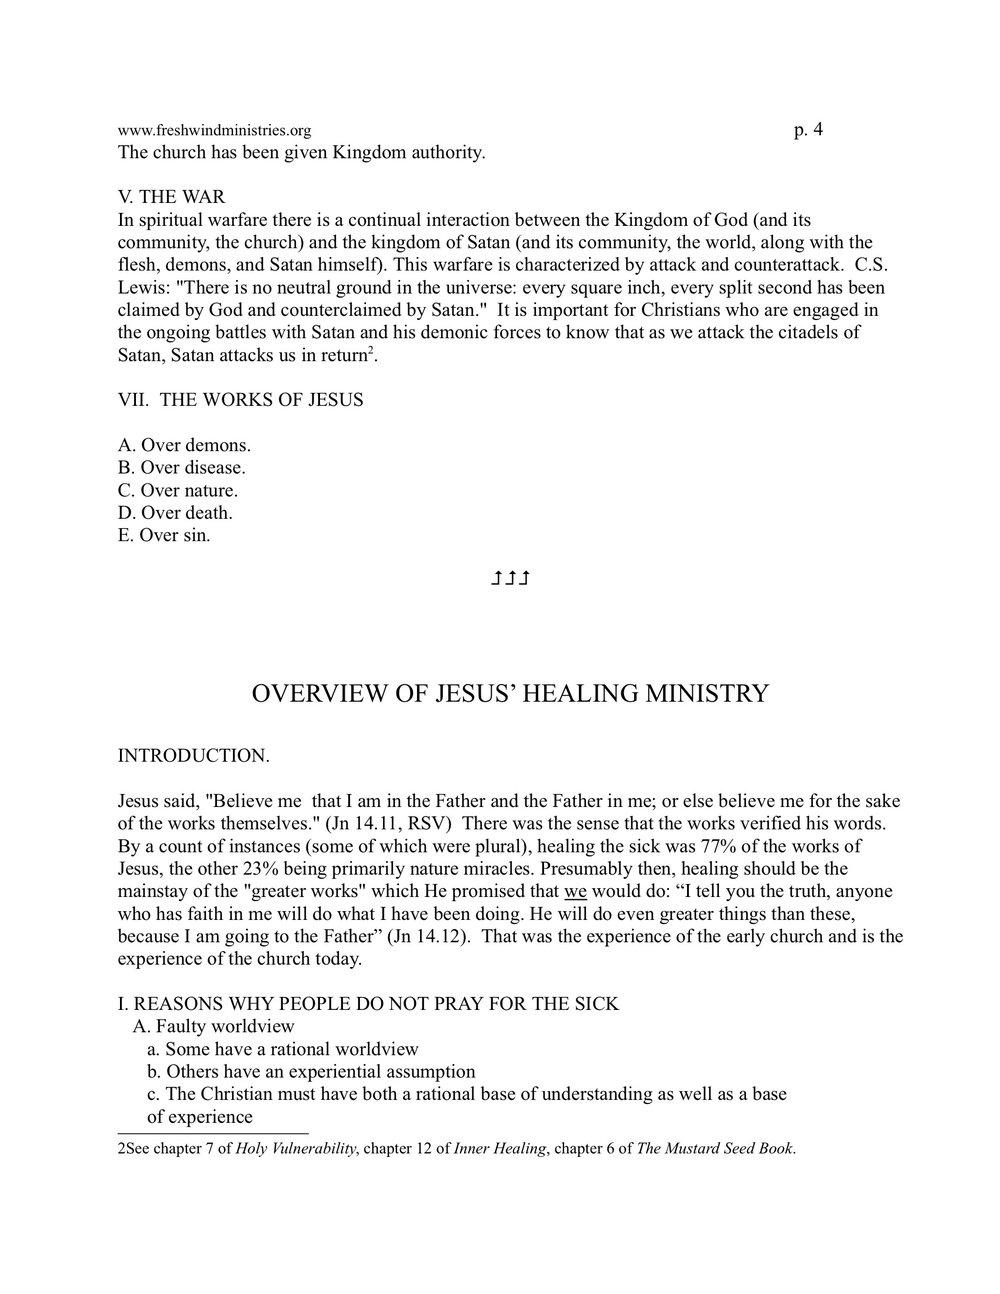 East End Fellowship Notes 23.jpeg